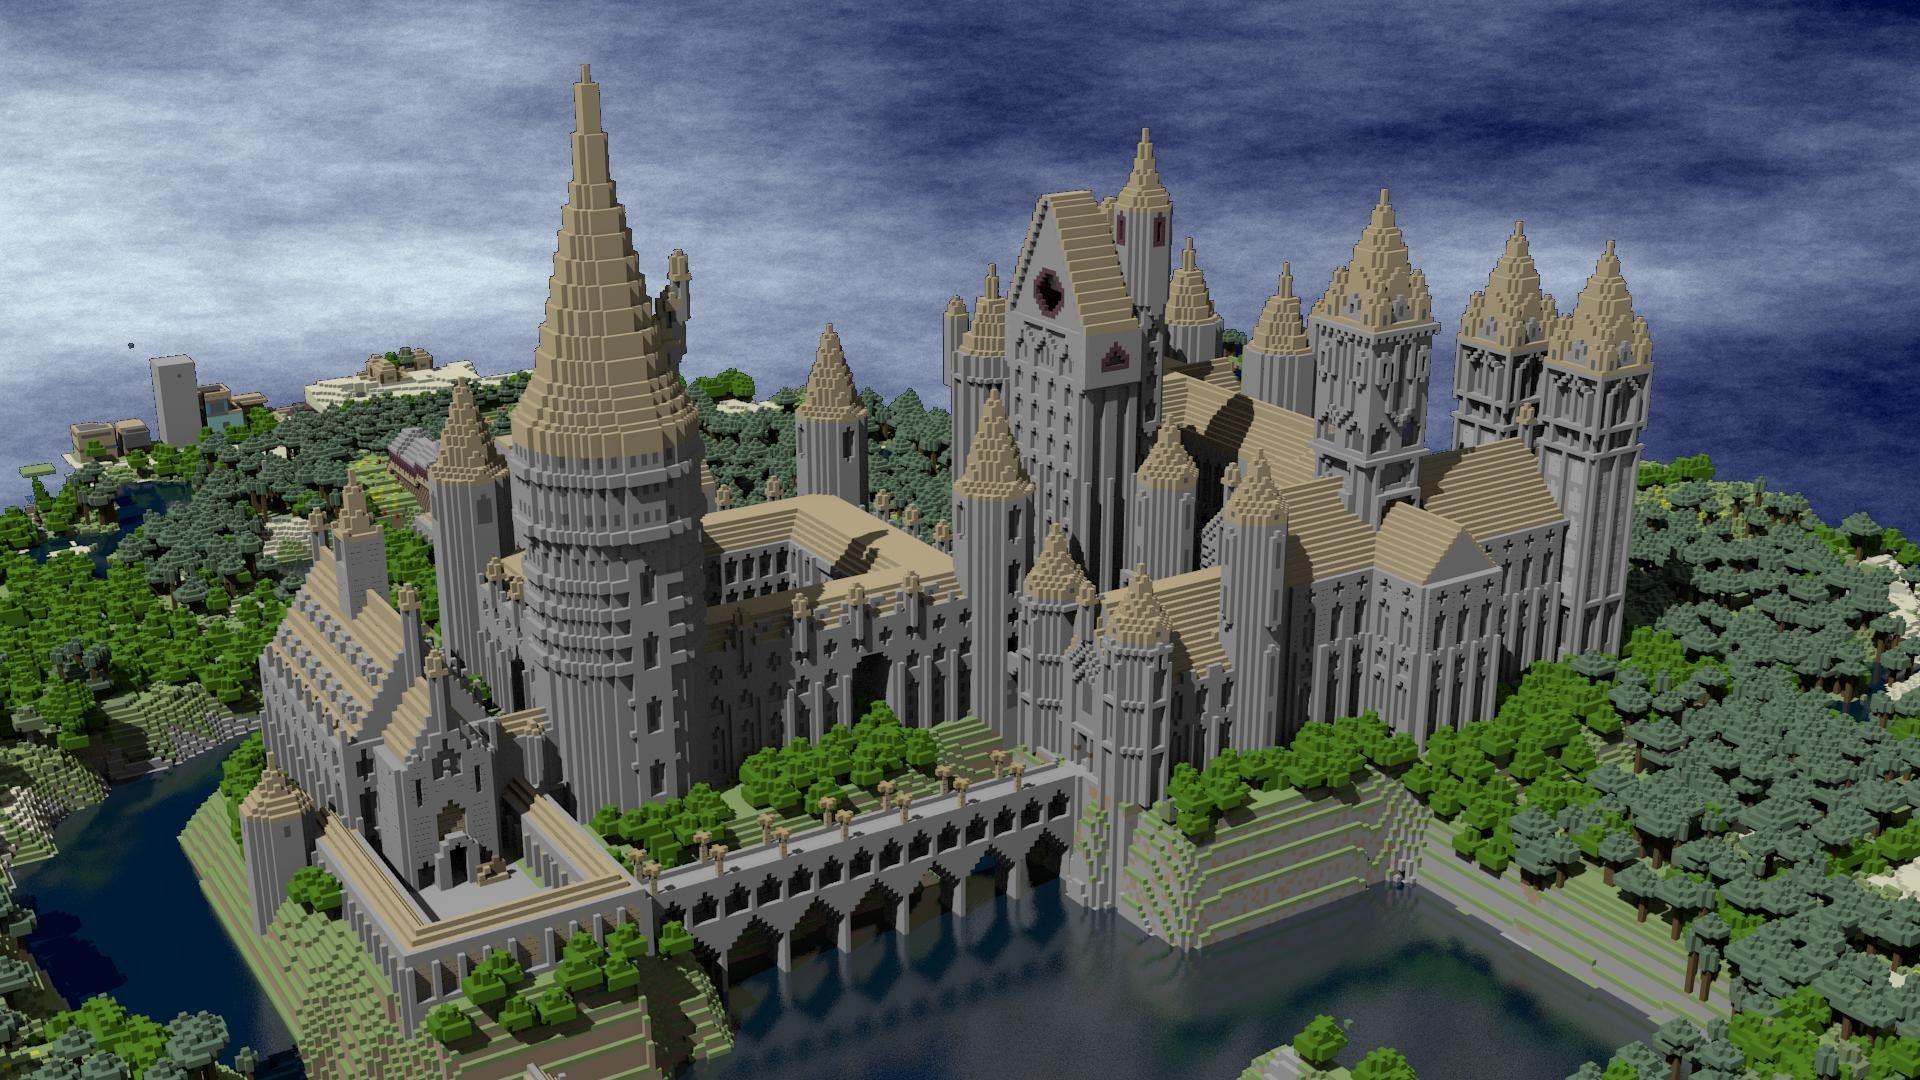 Fantastic Wallpaper Minecraft Google - 60b60c84f7ecc076d4428fb019a2e811  Photograph_573977.jpg